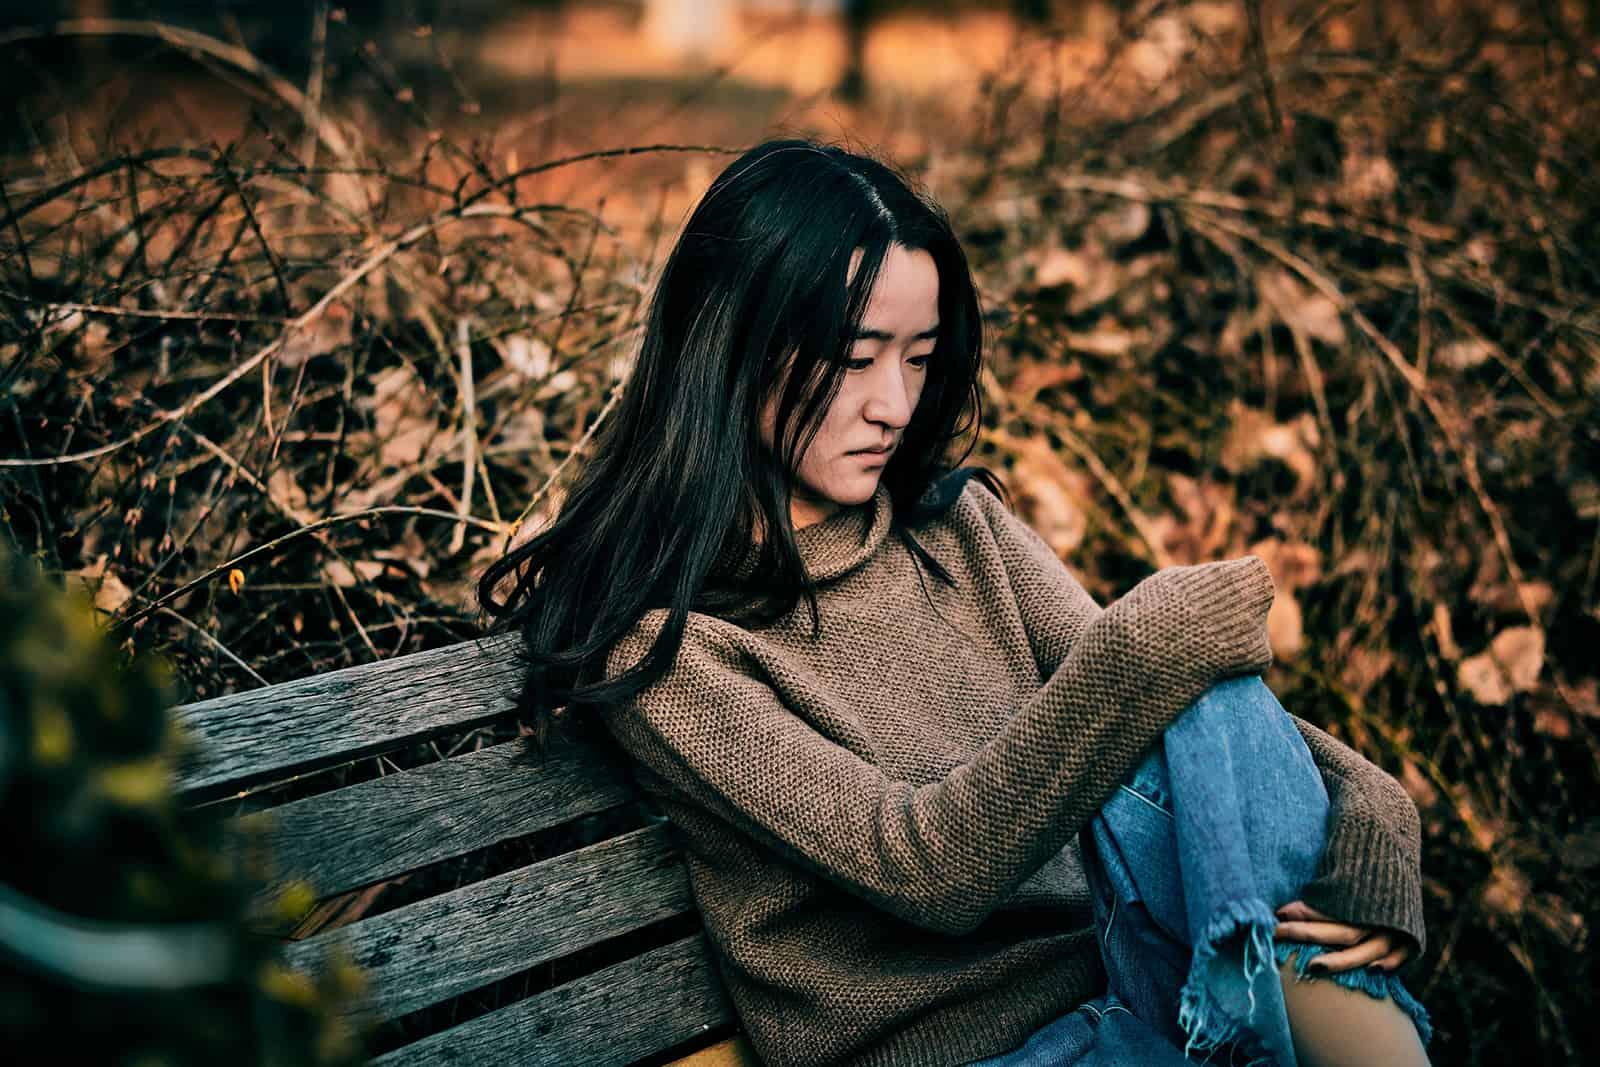 eine enttäuschte Frau, die alleine im Park auf der Bank sitzt